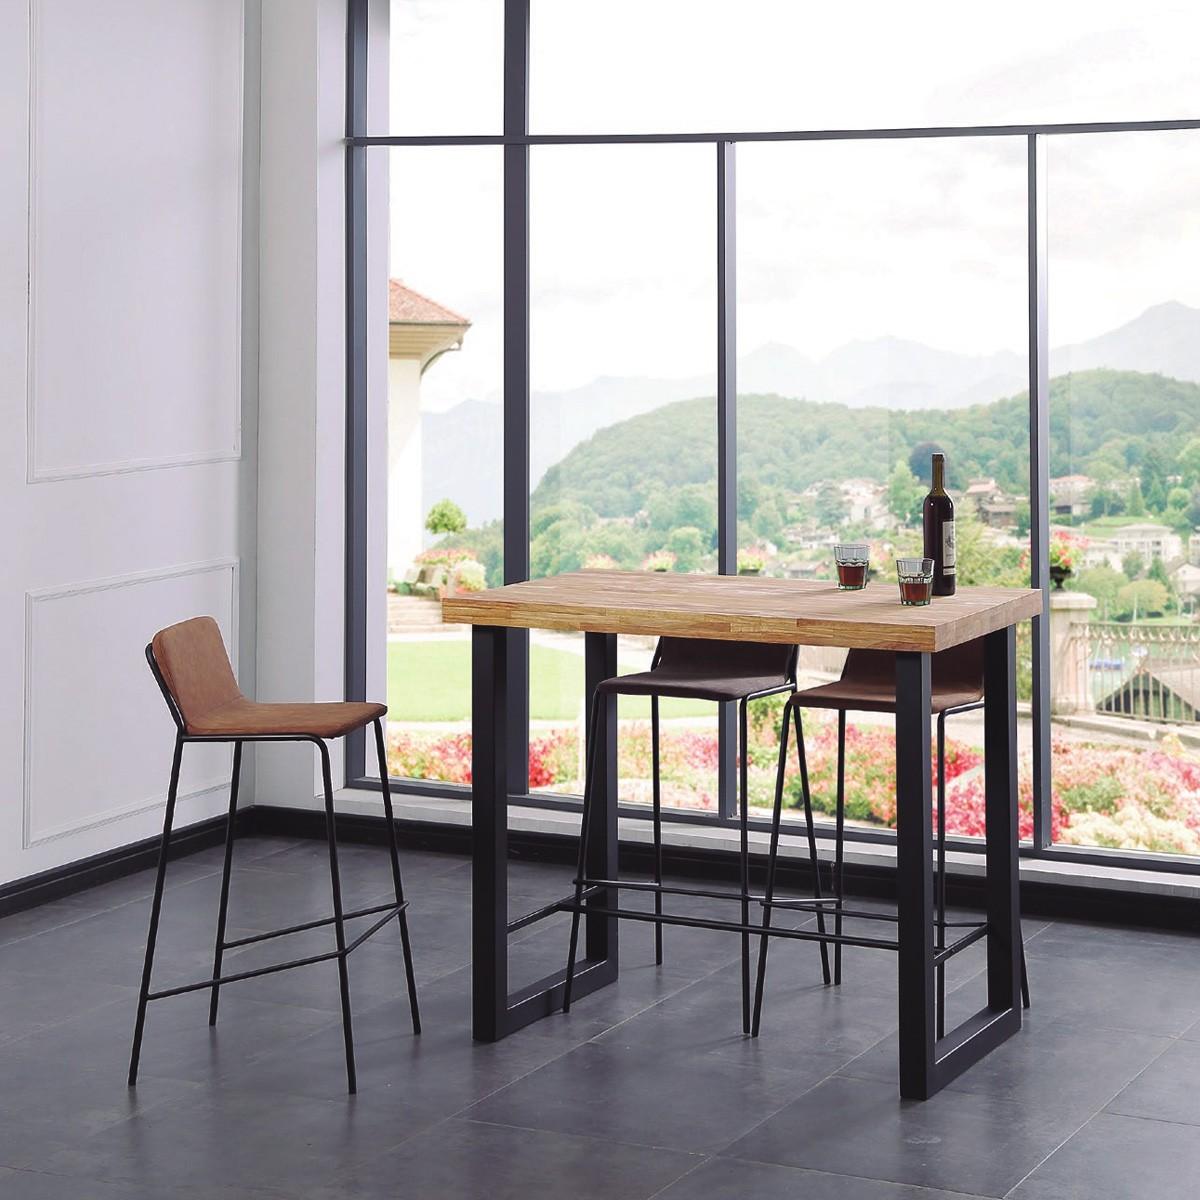 High table, bar style.